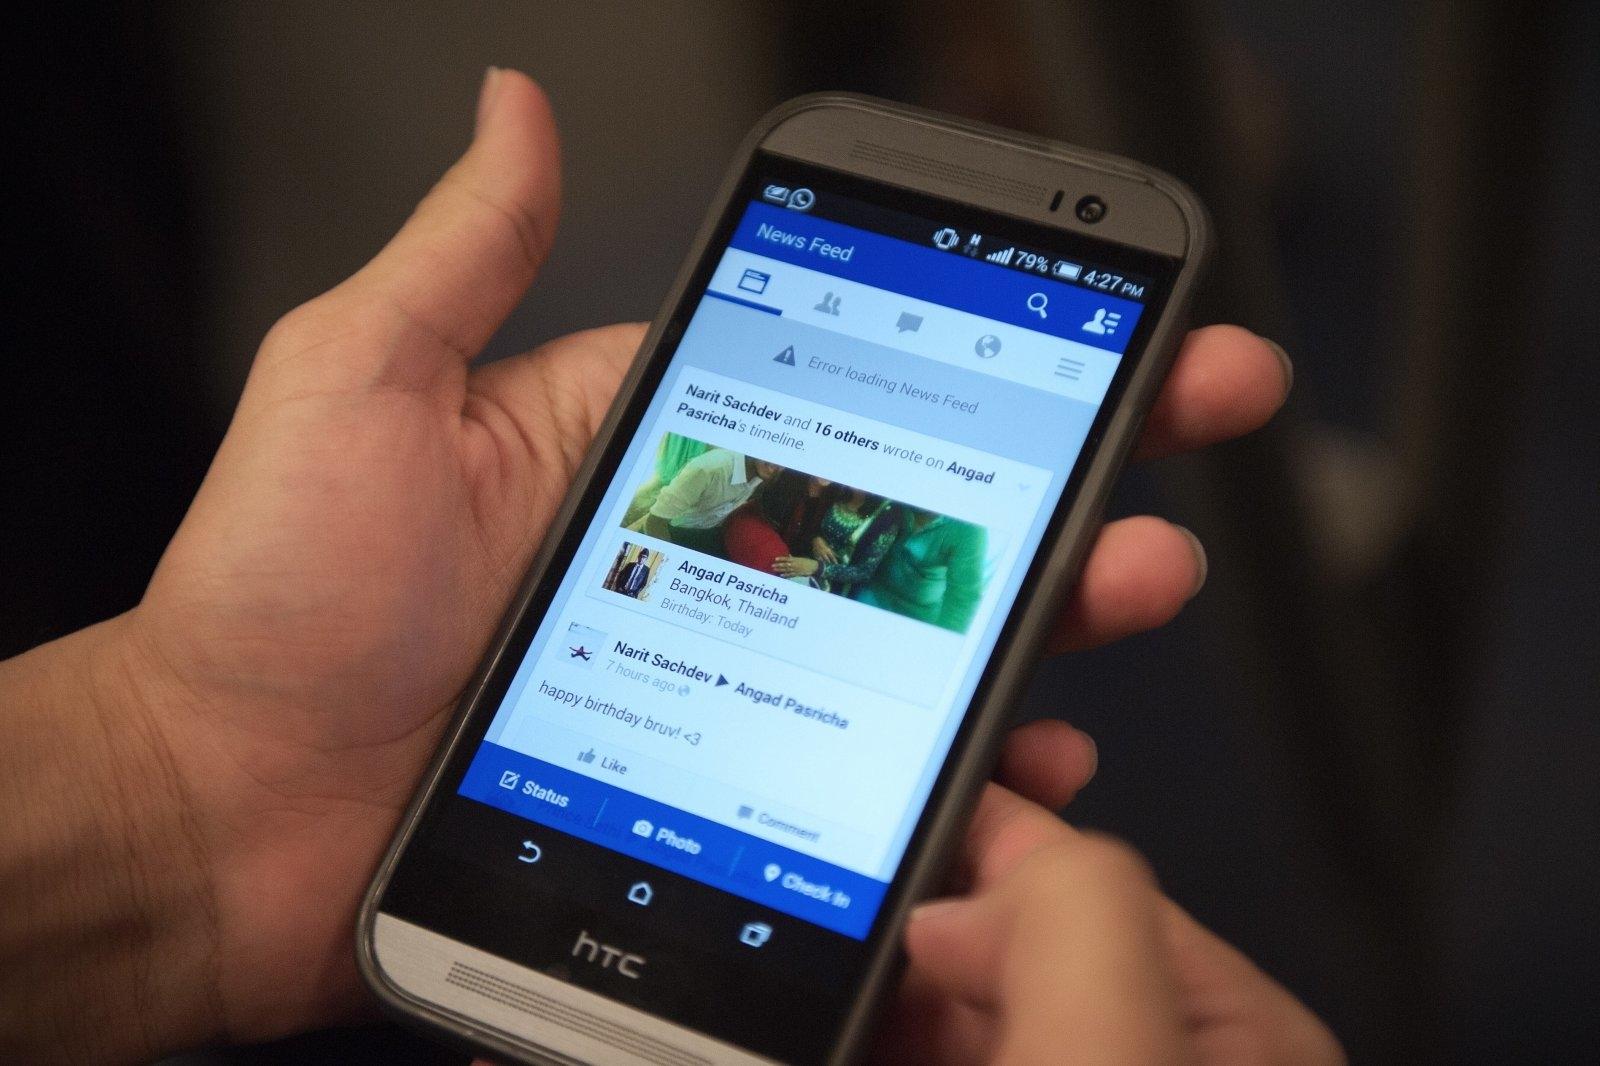 Фейсбук даст возможность освободиться отнадоедливых постов друзей изотпуска